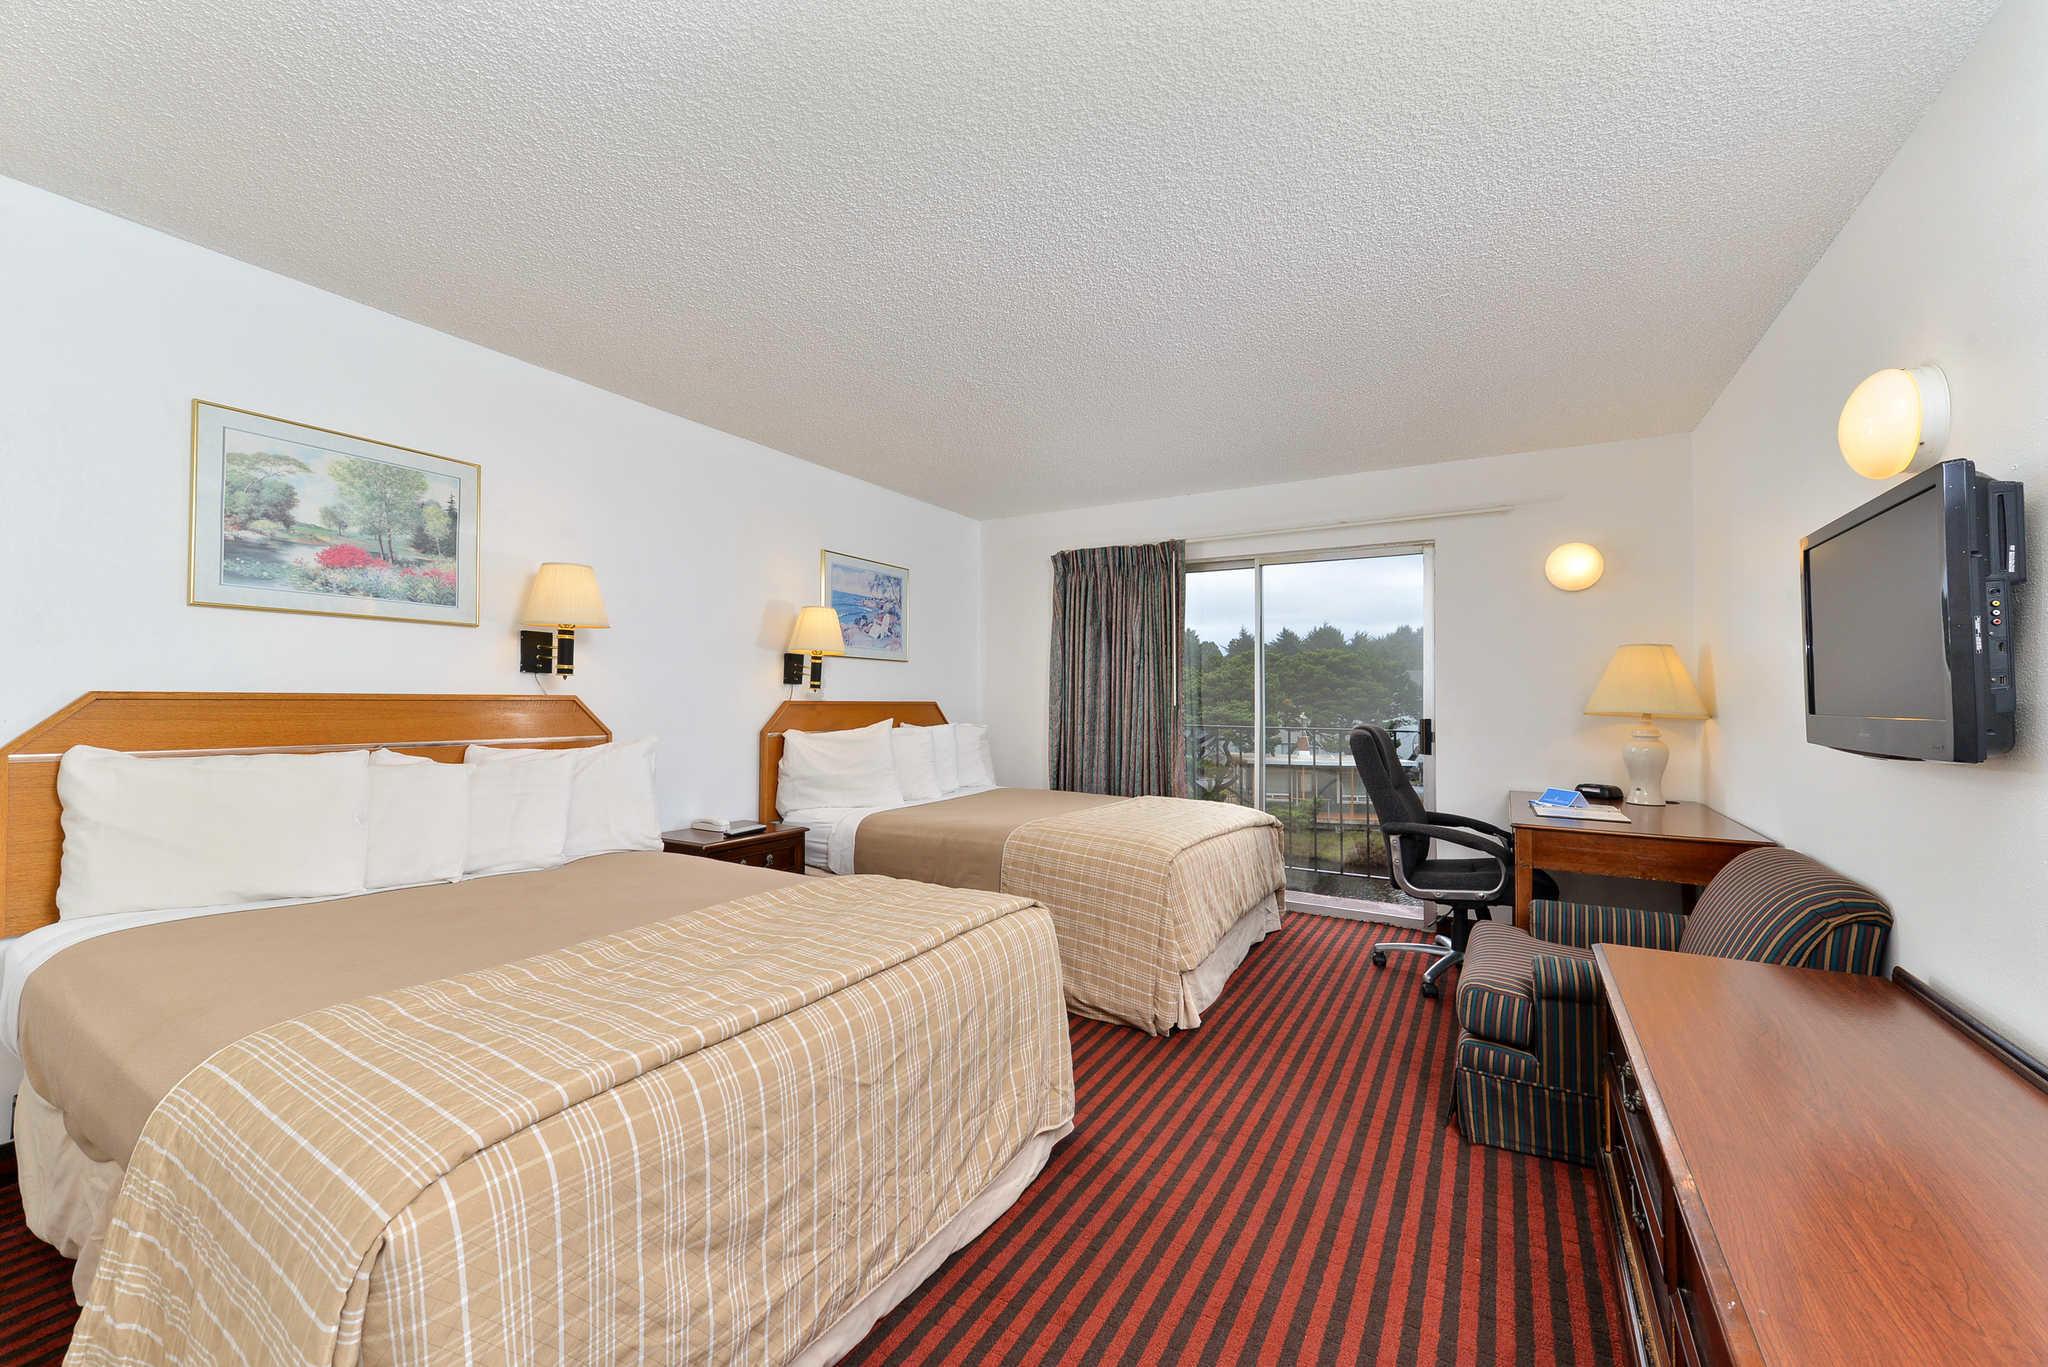 Rodeway Inn & Suites - Closed image 9